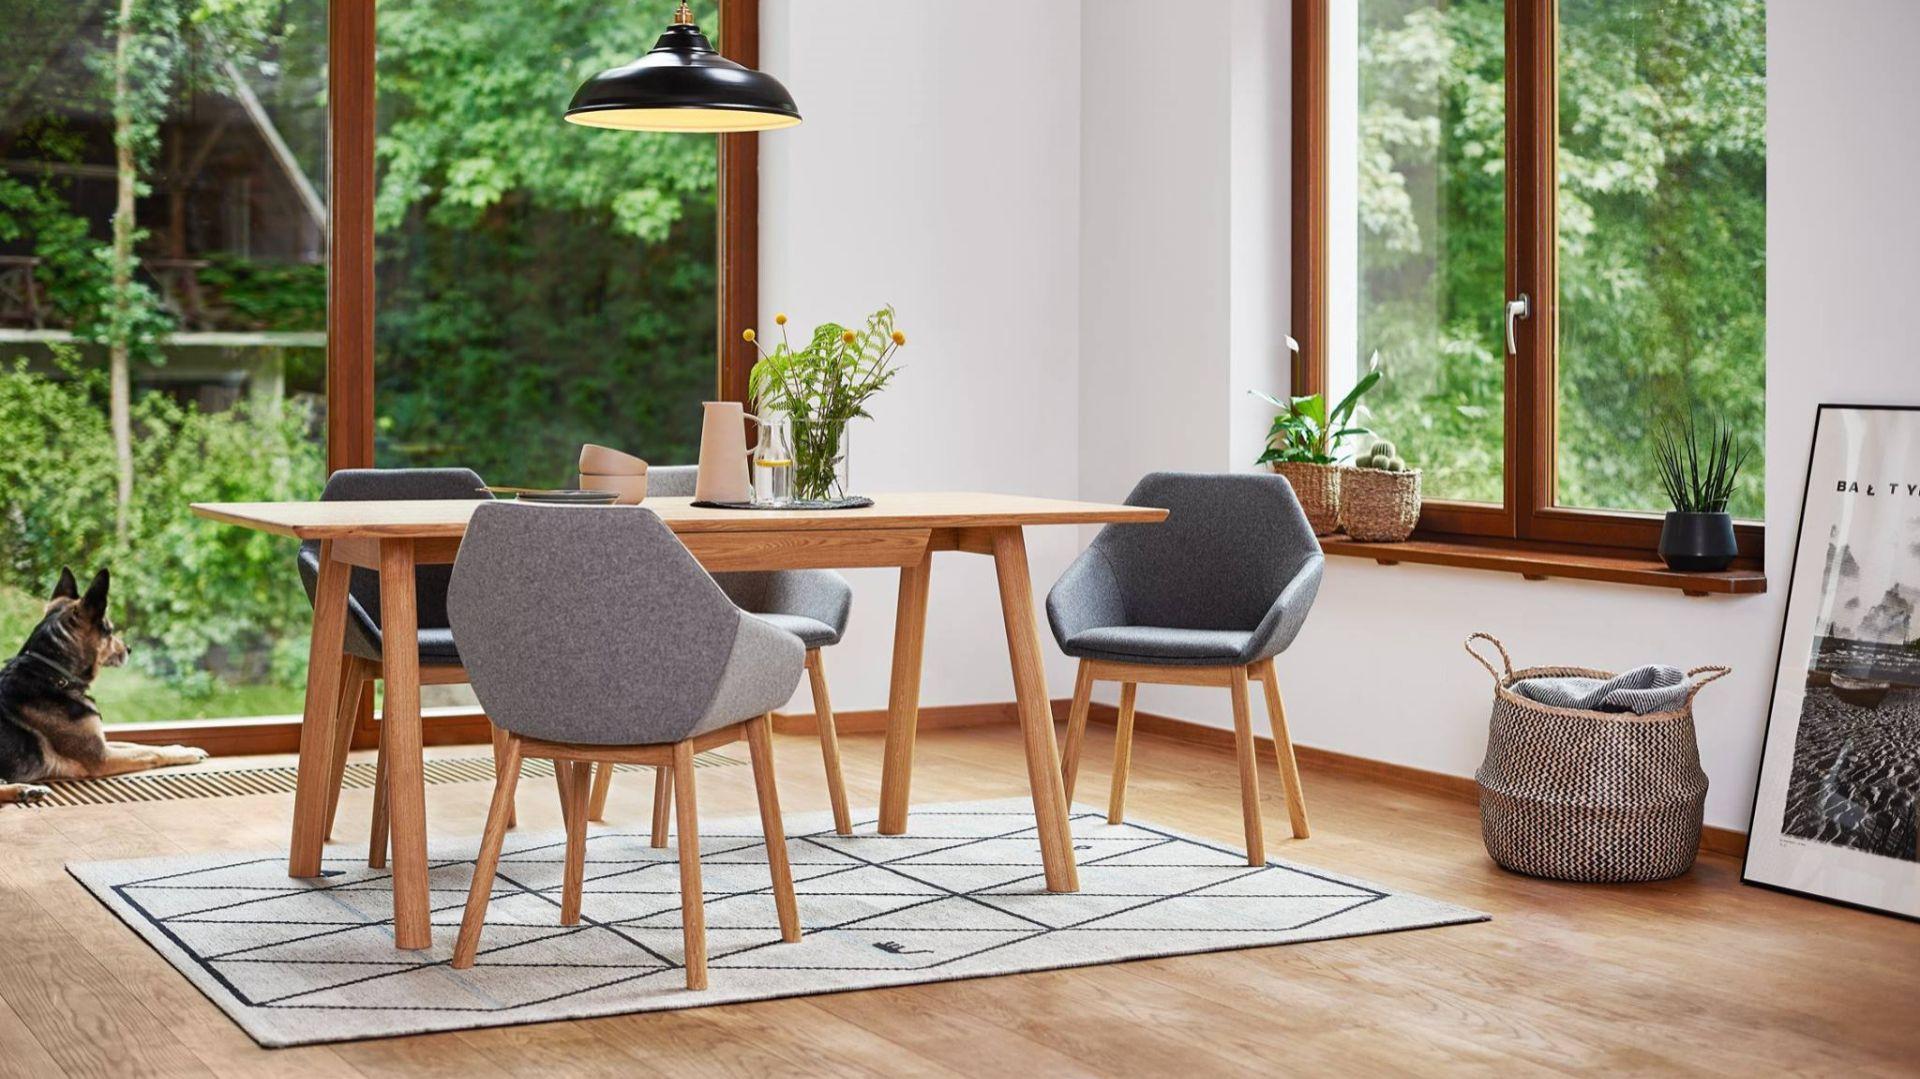 Krzesło Tuk i stół April stół dla Paged. Projekt Studio Szpunar. Fot. Paged